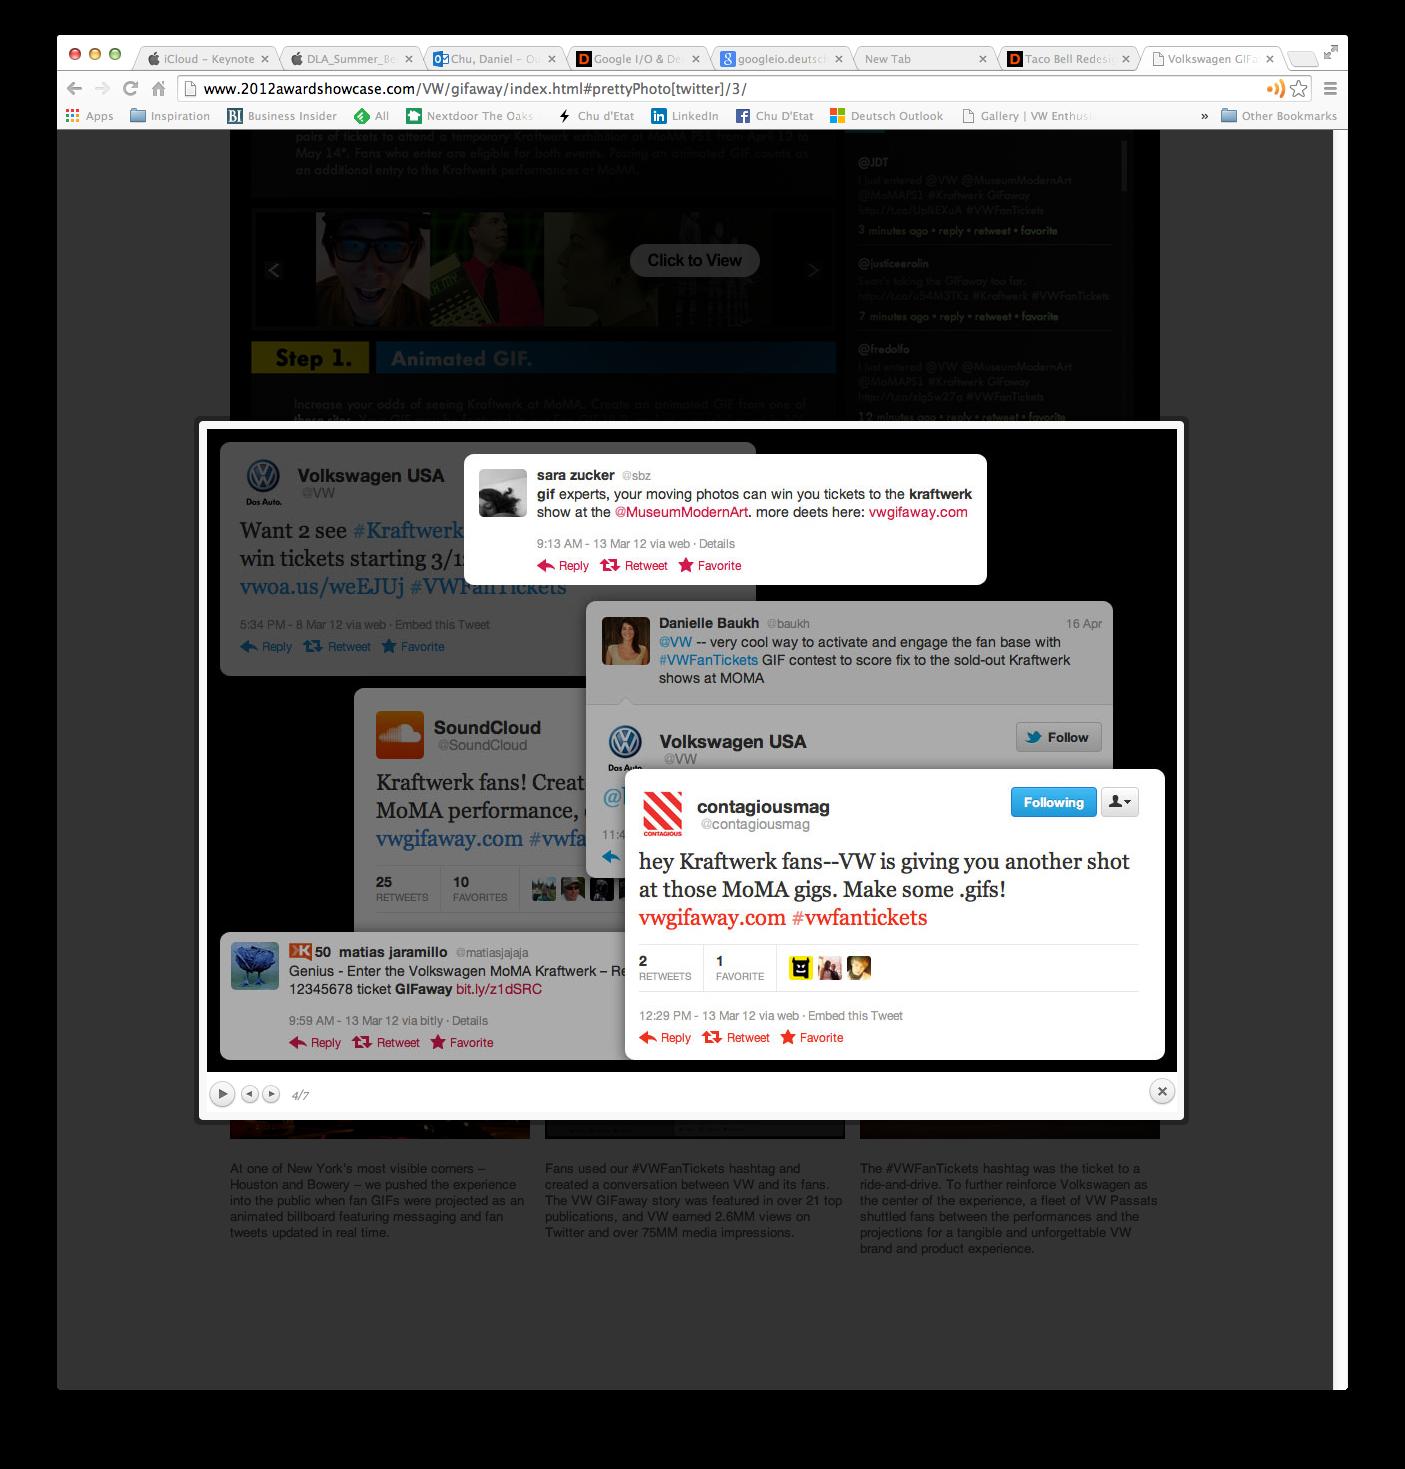 Screen Shot 2014-08-18 at 12.11.34 PM.png